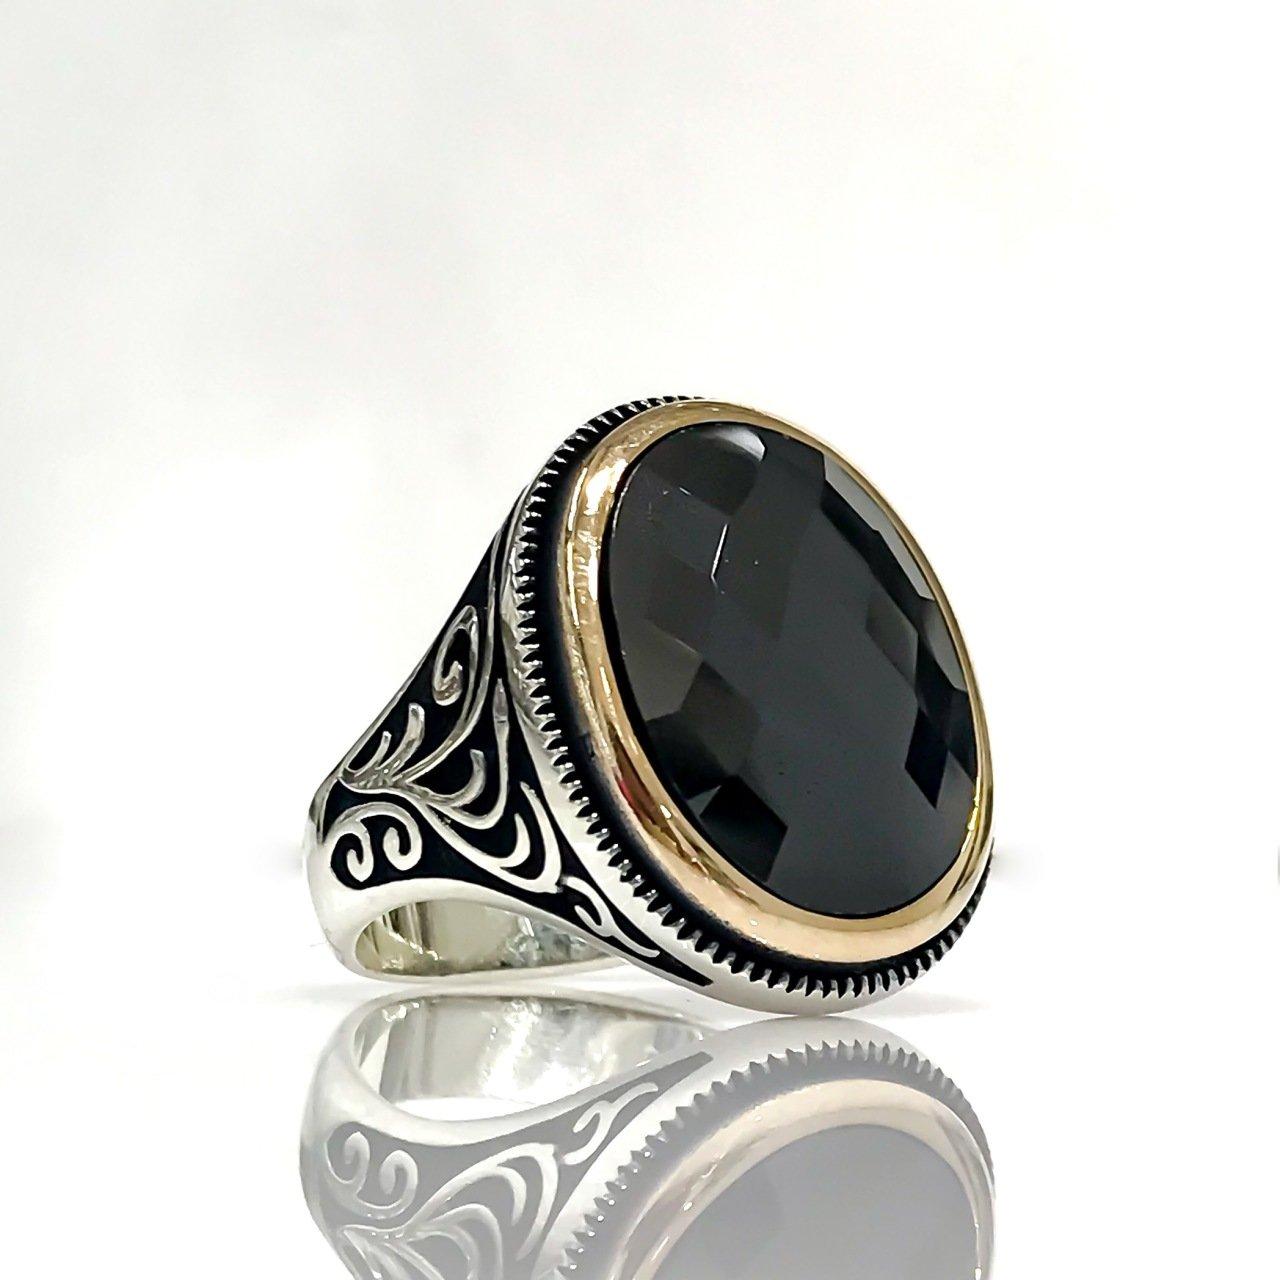 خاتم رجالي بتصميم بيضاوي من حجر العقيق الأسود